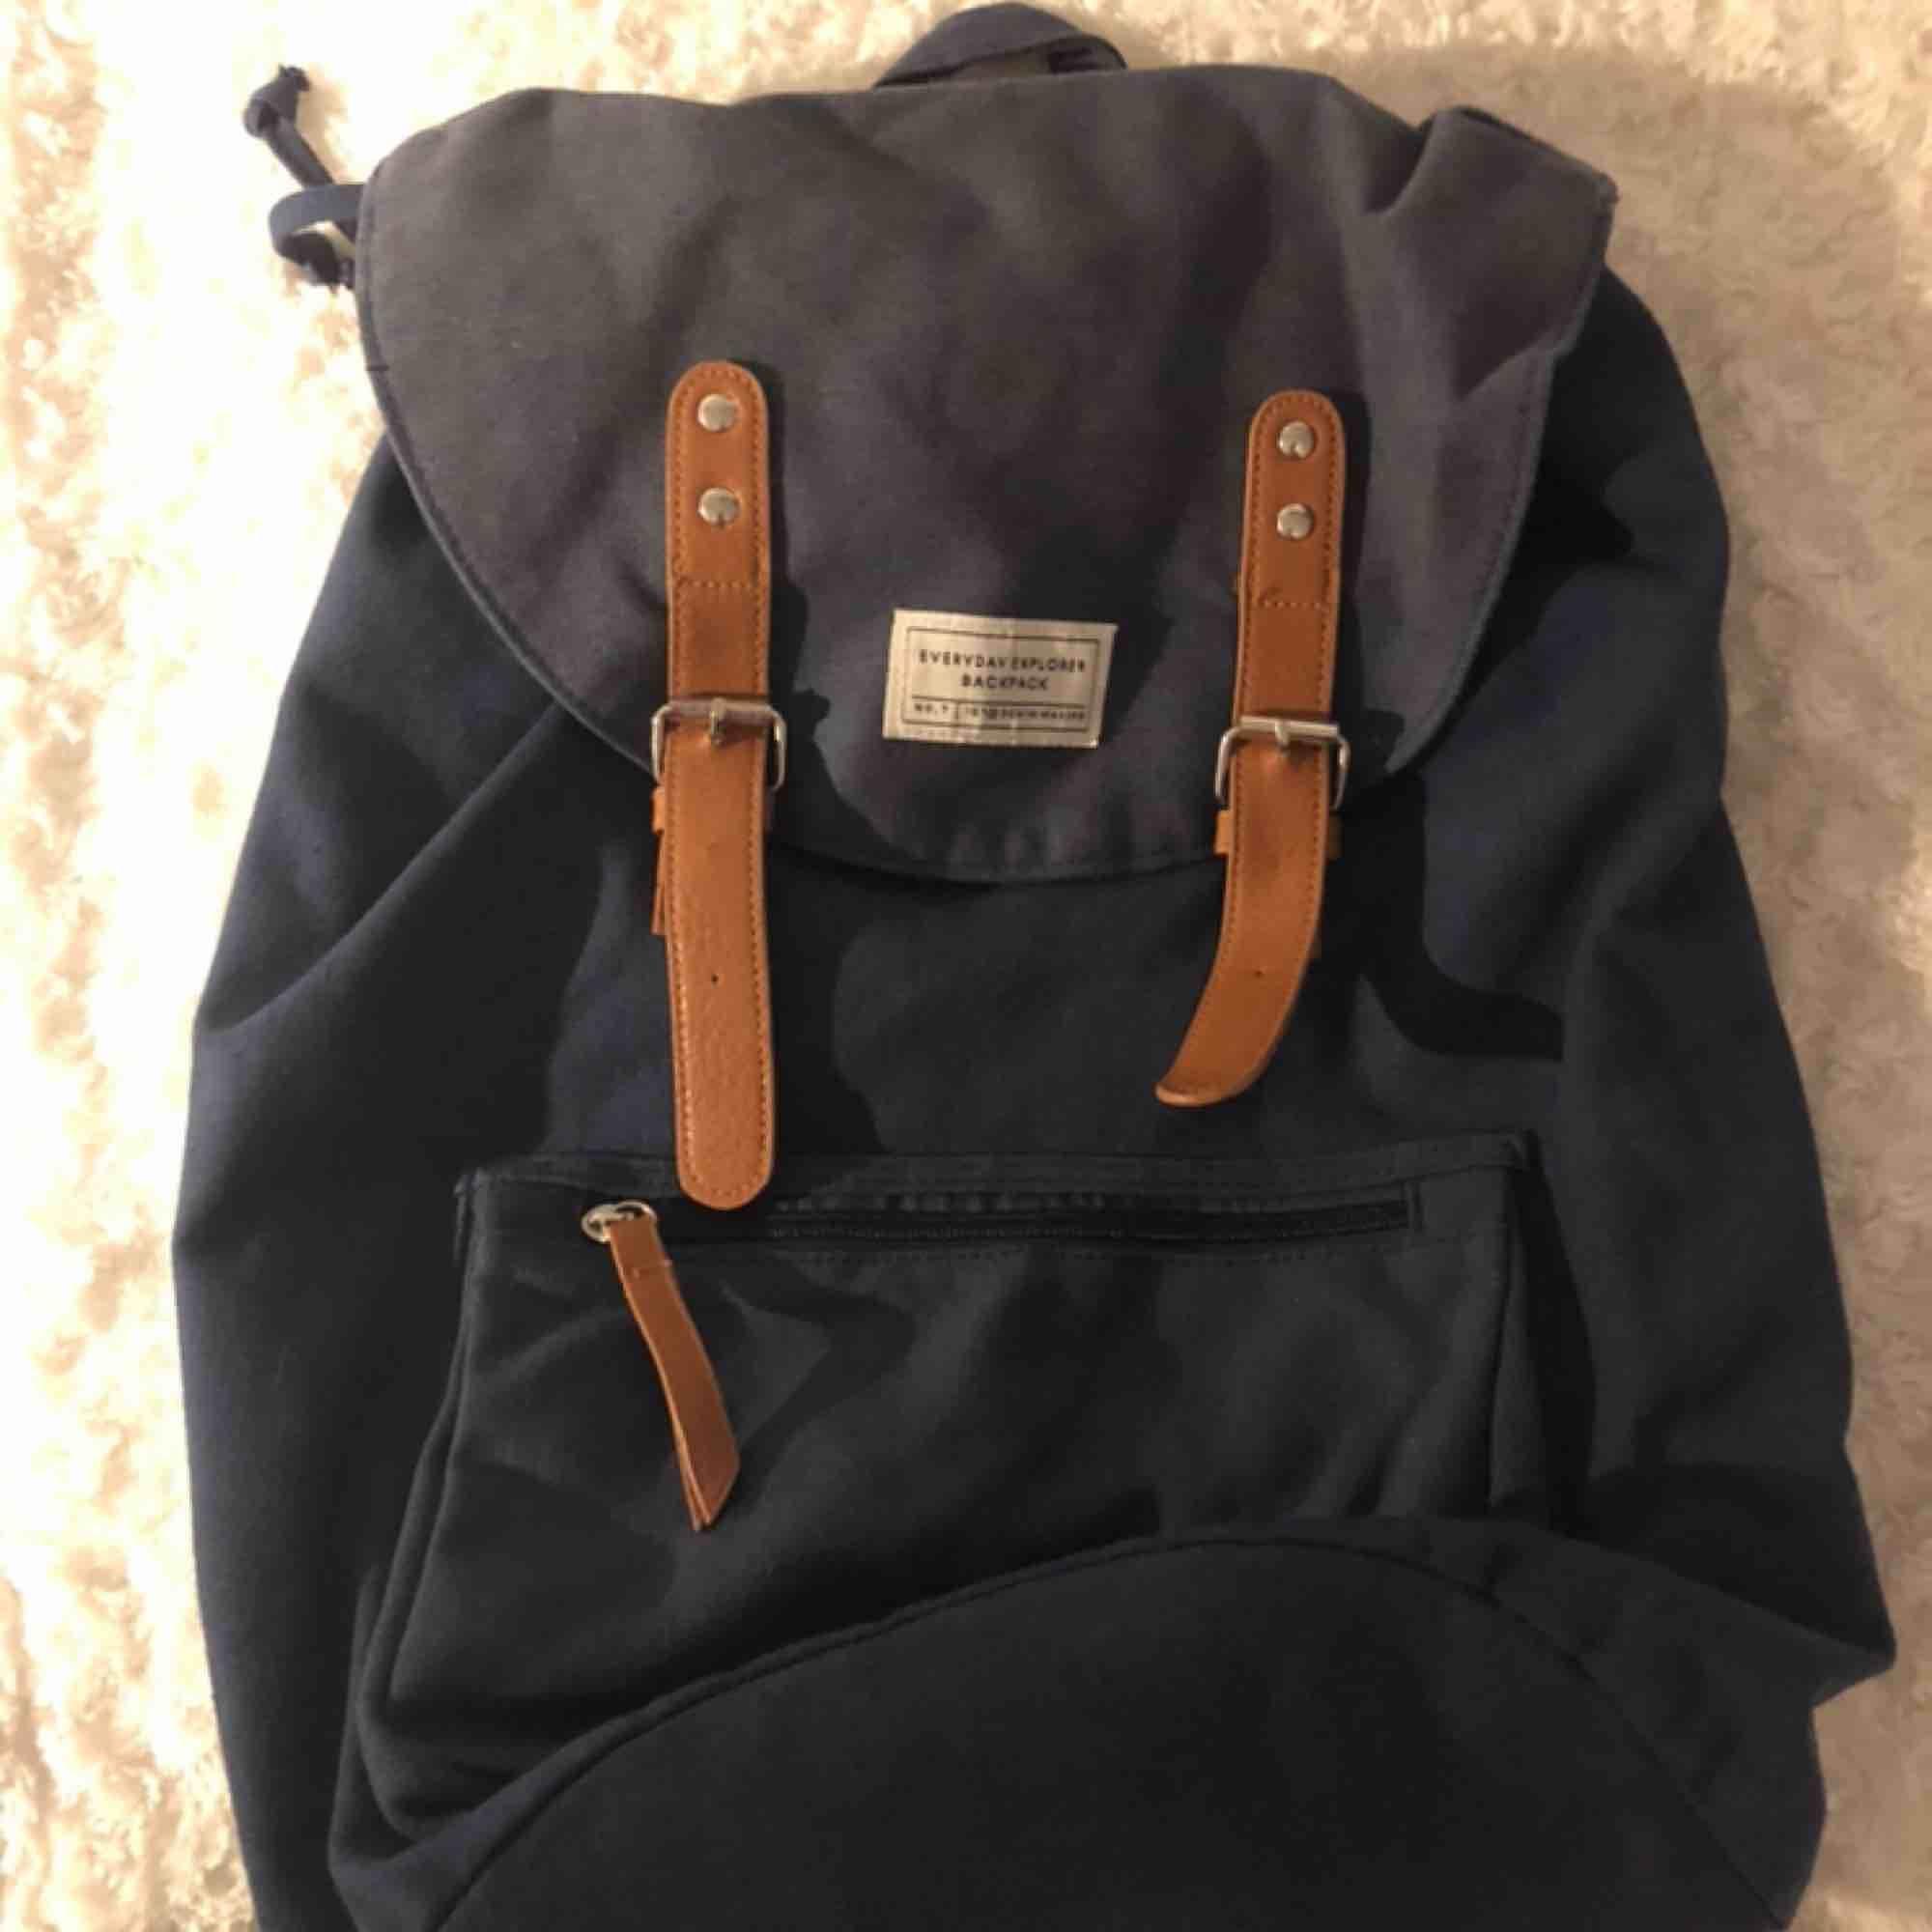 Snygg ryggsäck som får plats med mycket. Perfekt som skolväska eller snygg utflykts väska. . Väskor.